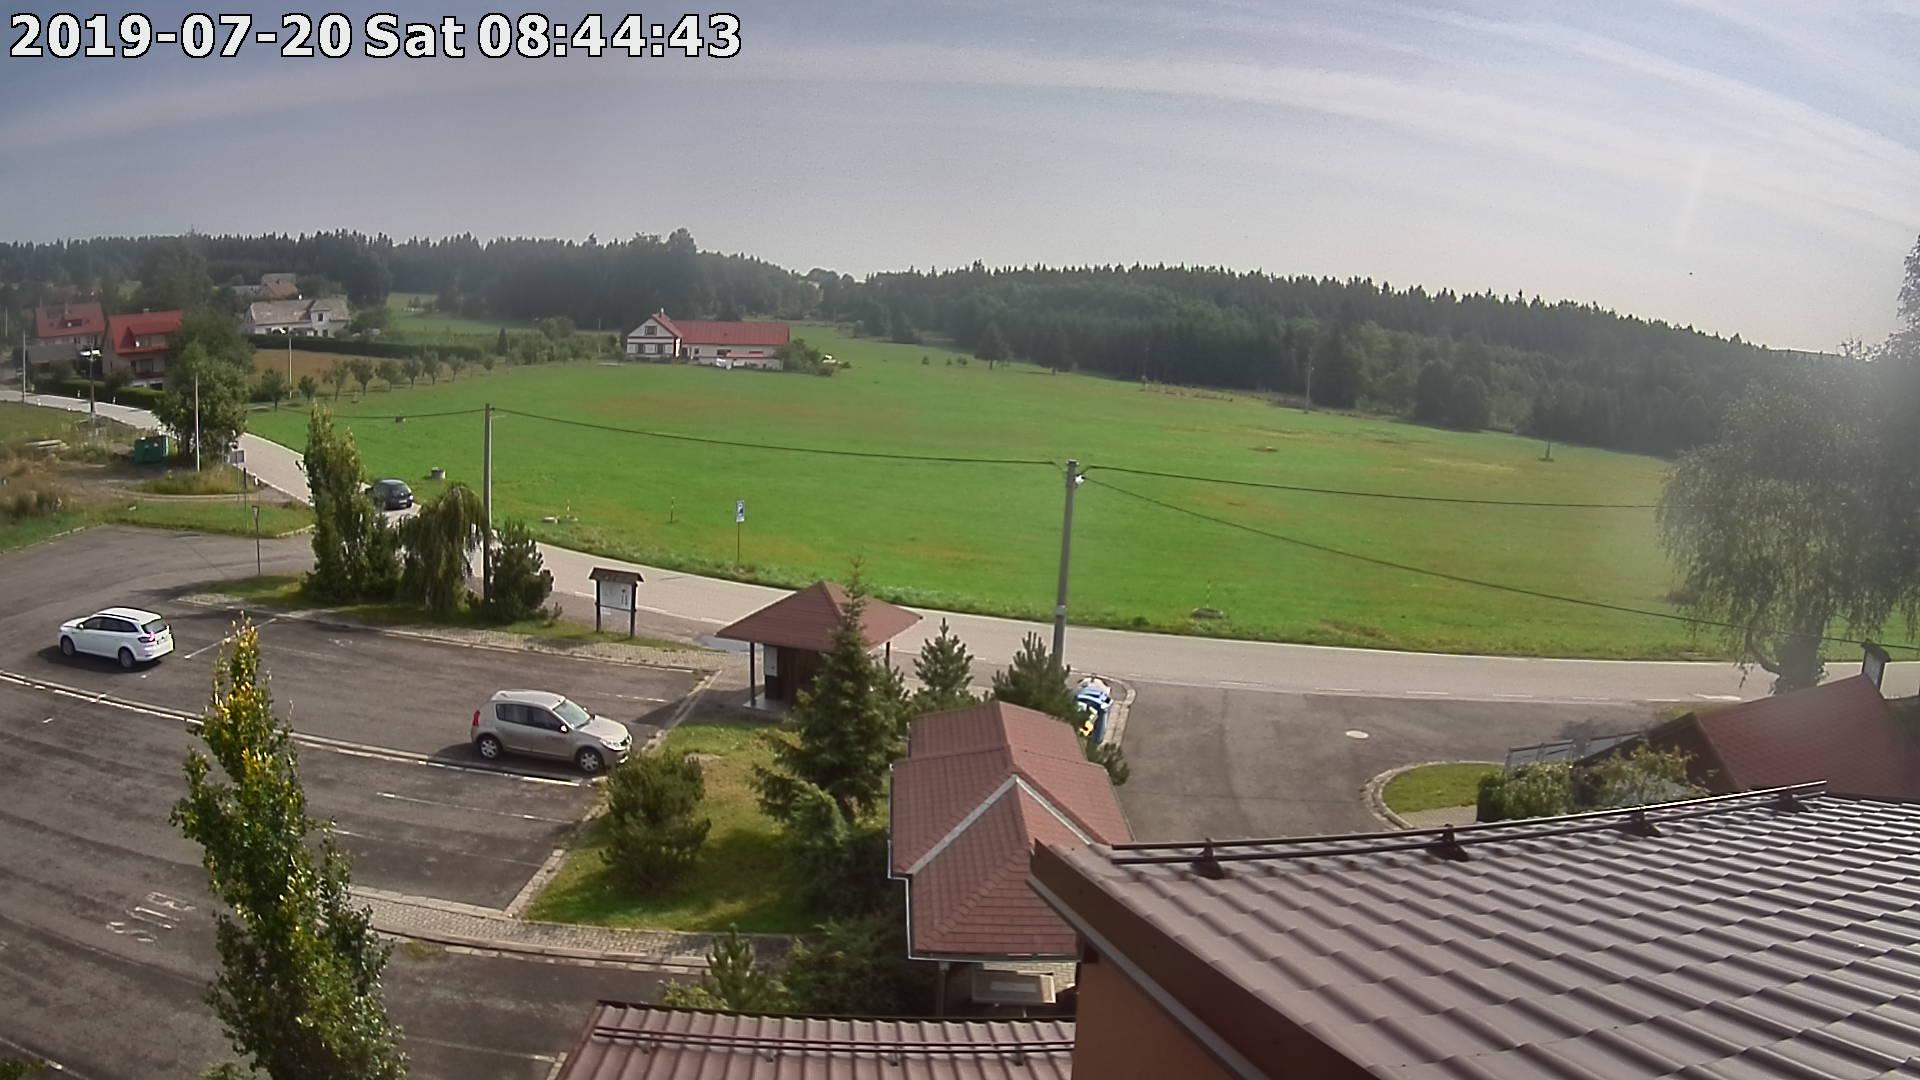 Webkamera ze dne 2019-07-20